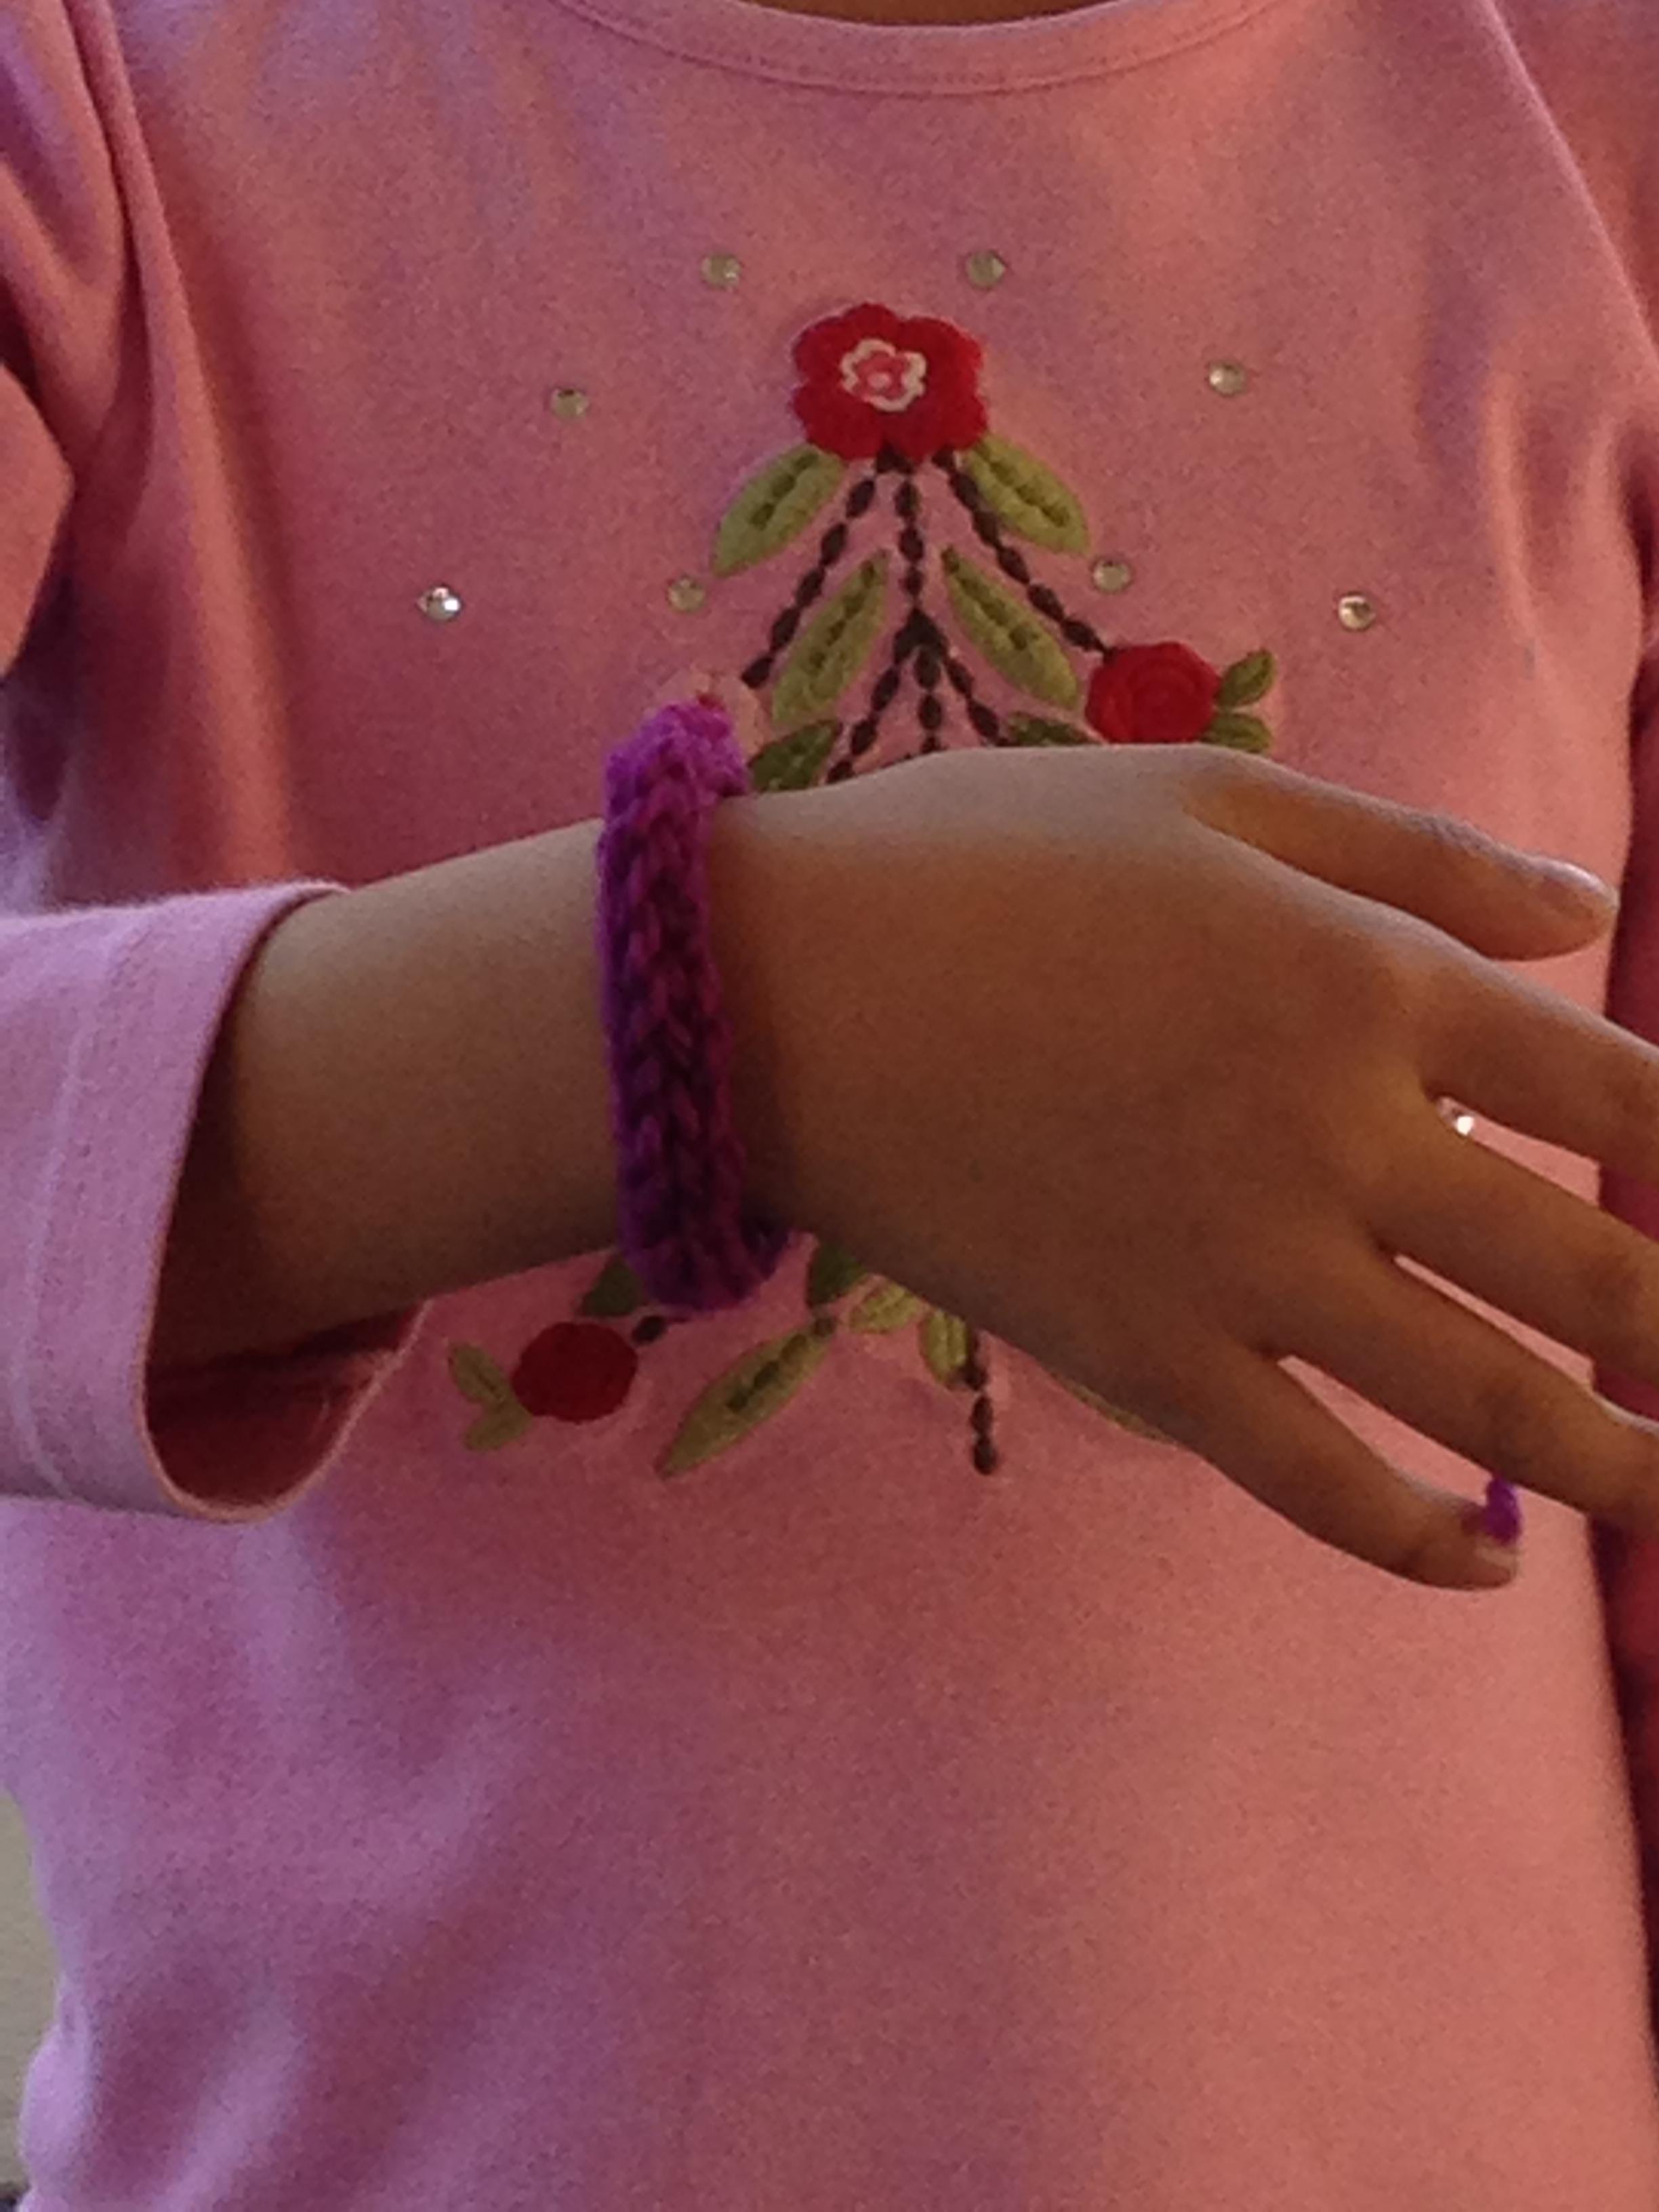 3rd grader spool knitted bracelet.